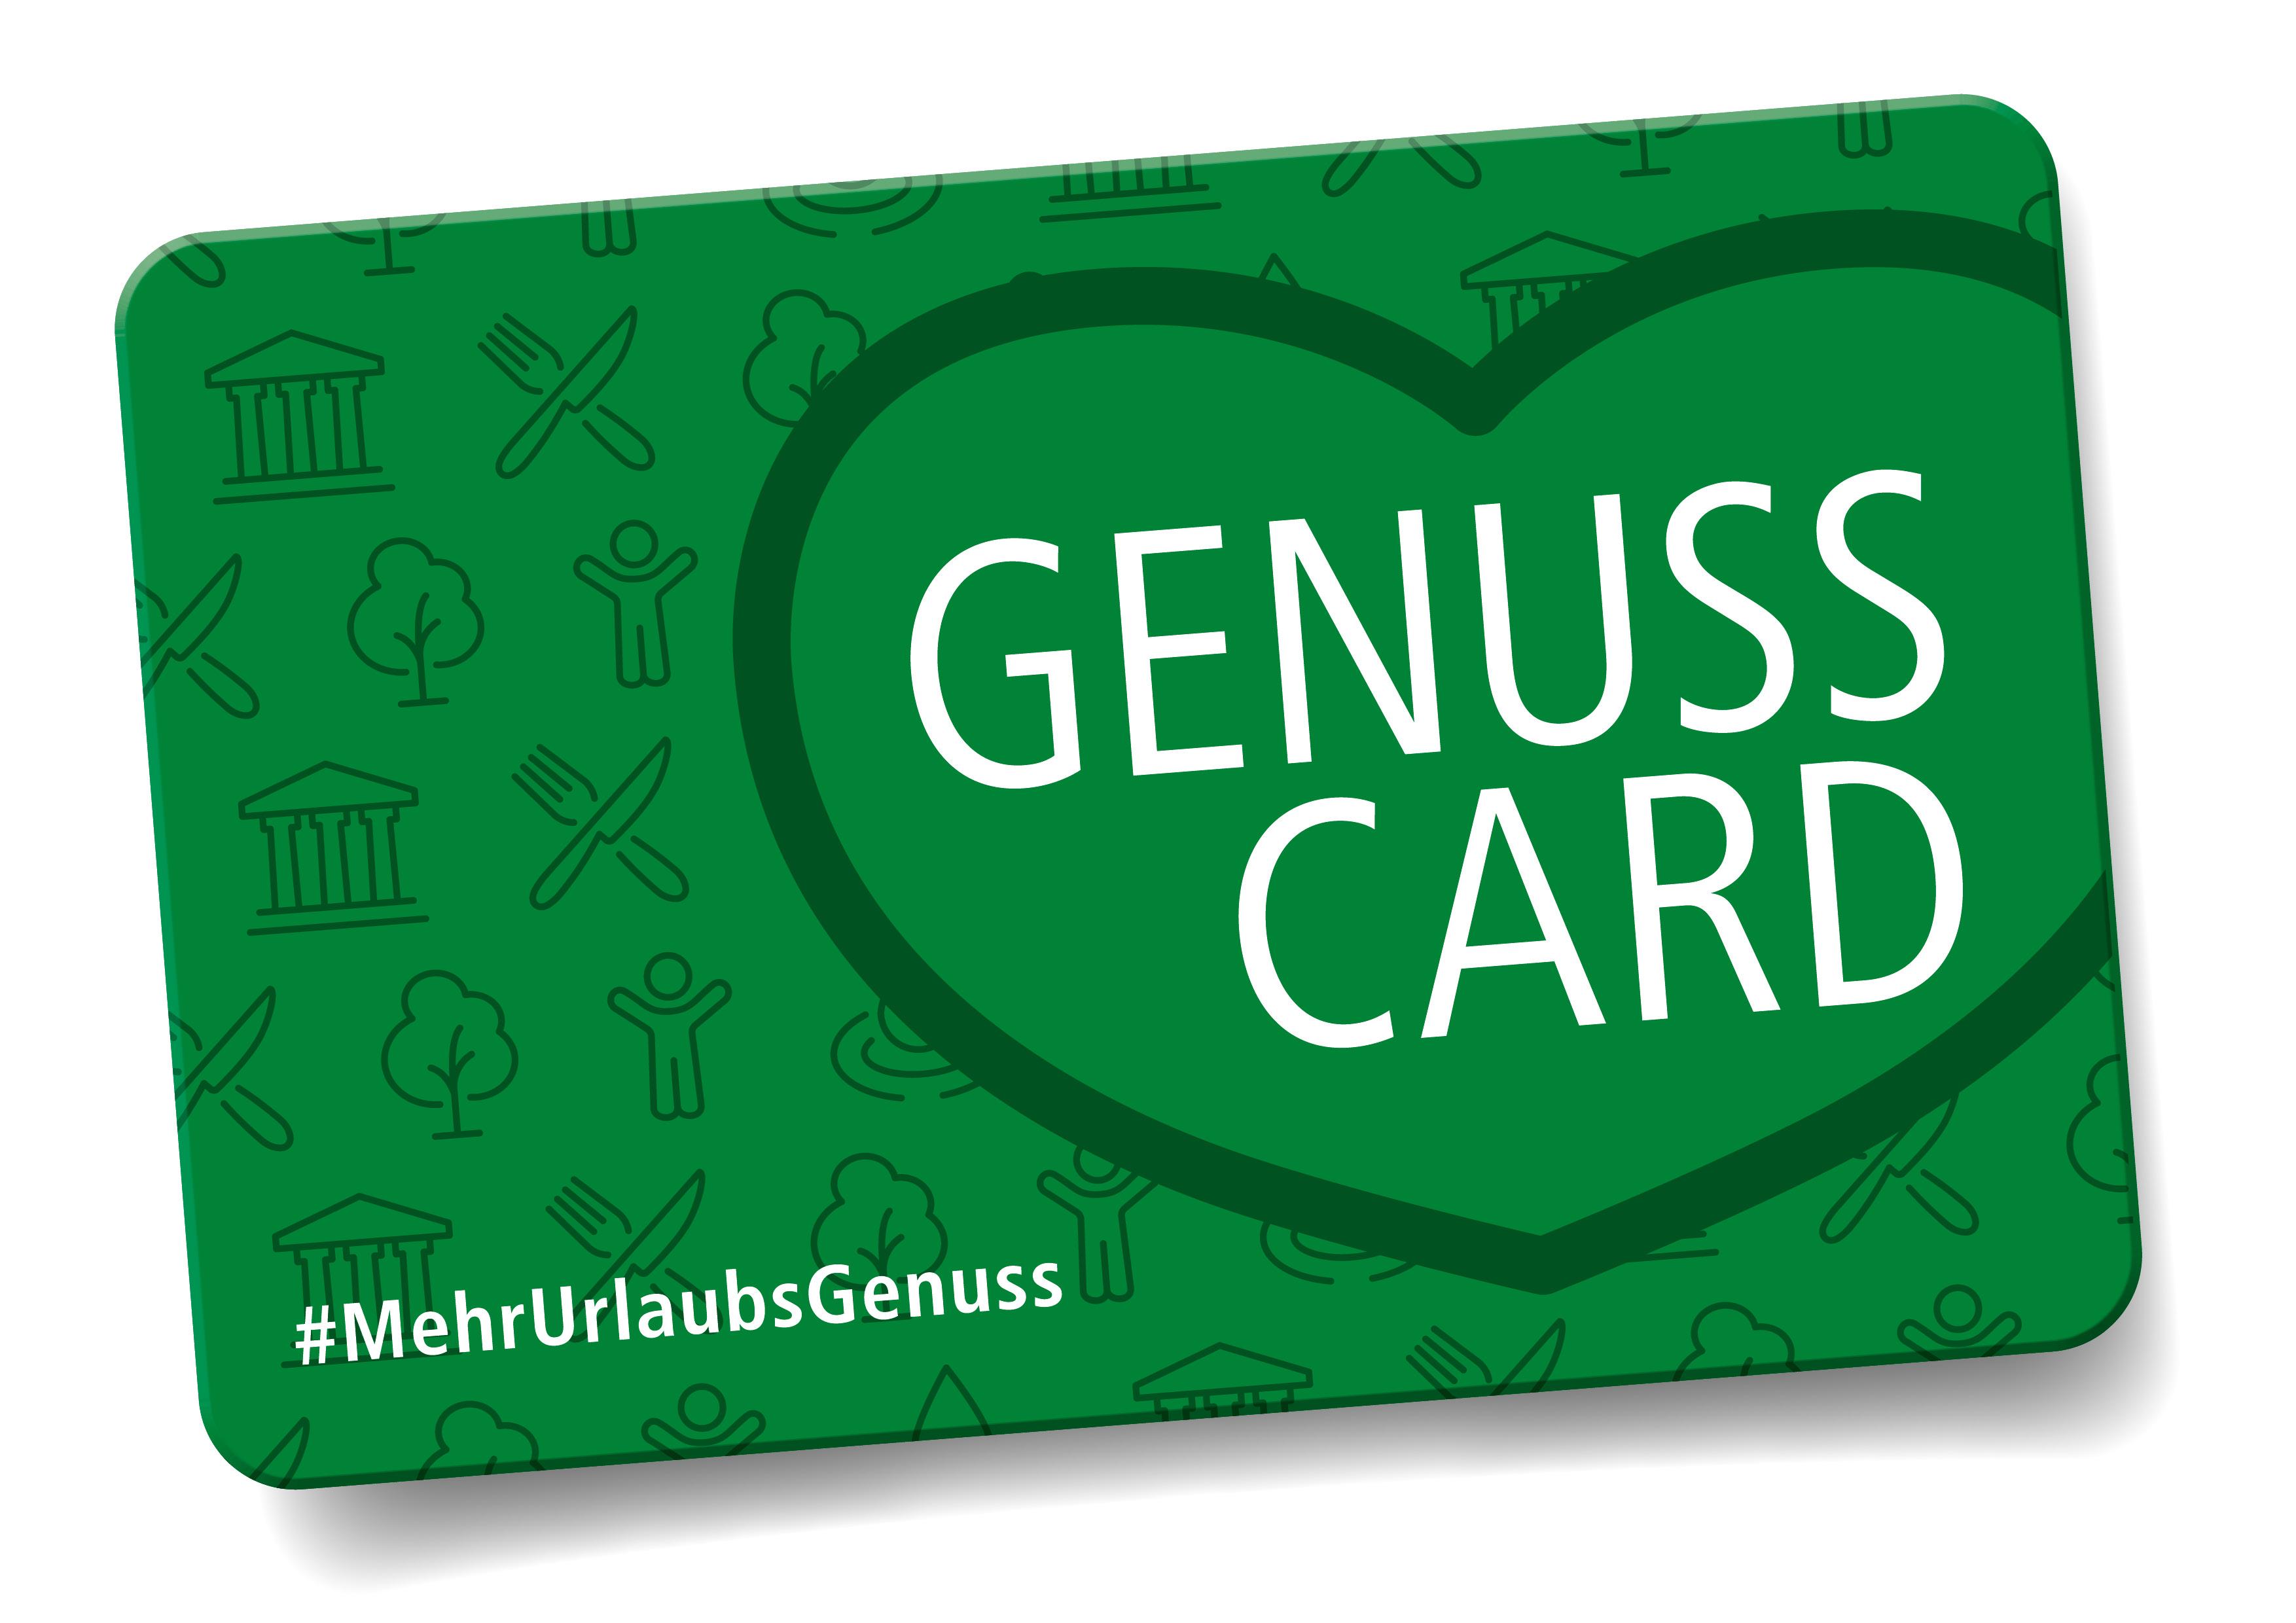 Sujetbild der Genuss Card Steiermark. Erleben Sie tolle Ausflugsziele mit derGenuss Card und JUFA Hotels. Der Ort für erholsamen Familienurlaub und einen unvergesslichen Winter- und Wanderurlaub.